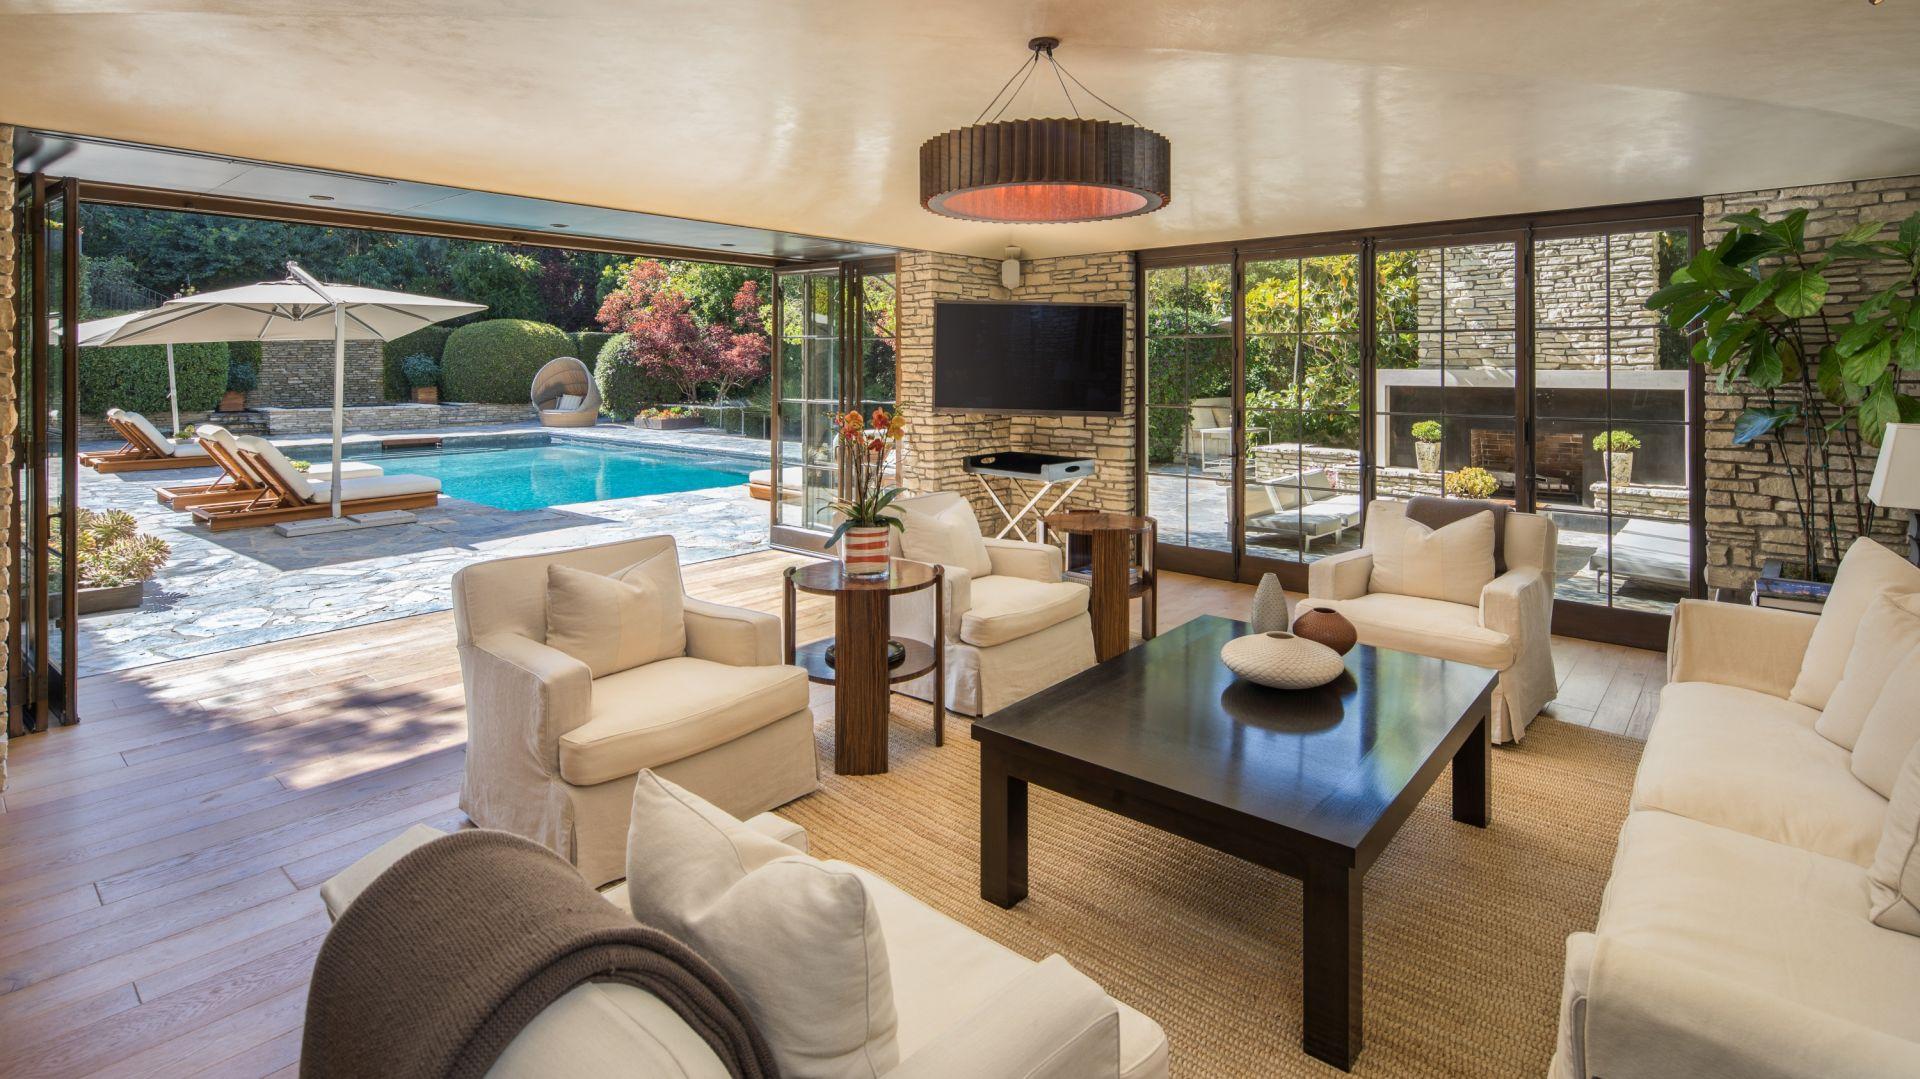 Salon na dolnym poziomie i sala barowo-ekranowa wychodzą na taras przy basenie. Zdjęcia: Tyler Hogan